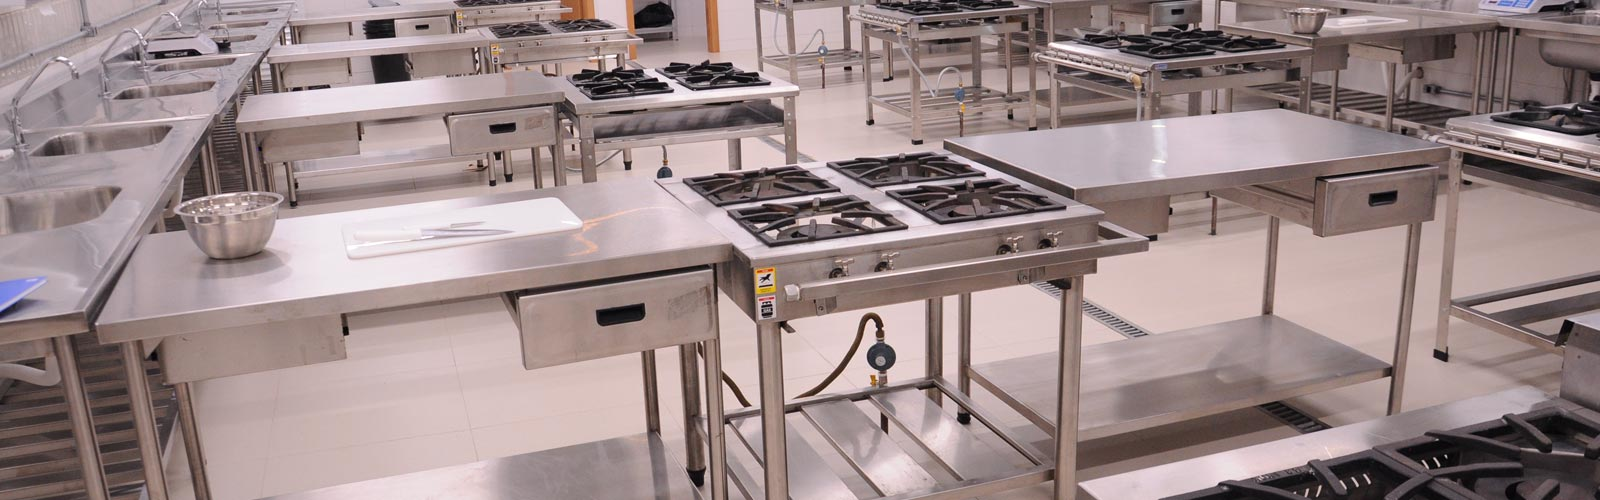 Manuten O Em Equipamentos De Cozinha Industrial Mansmaq